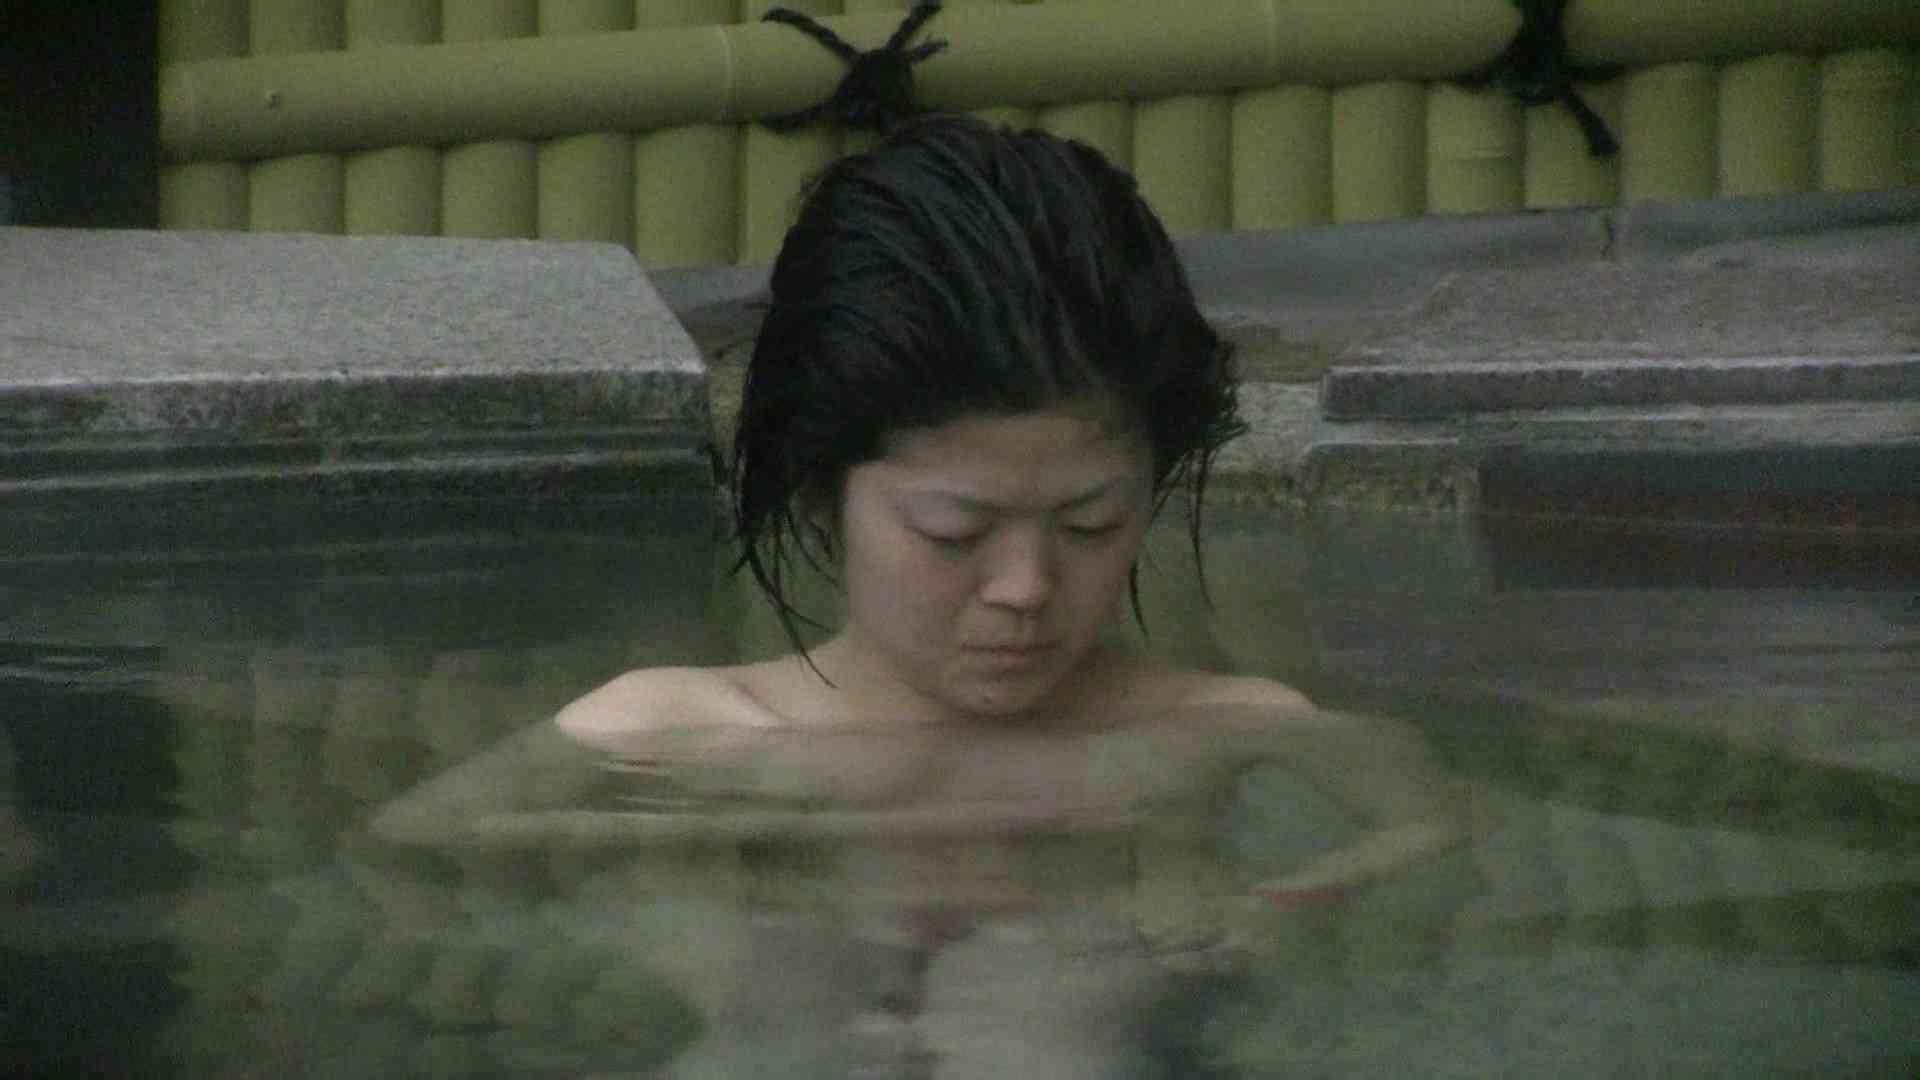 Aquaな露天風呂Vol.538 露天 | 盗撮  48pic 35